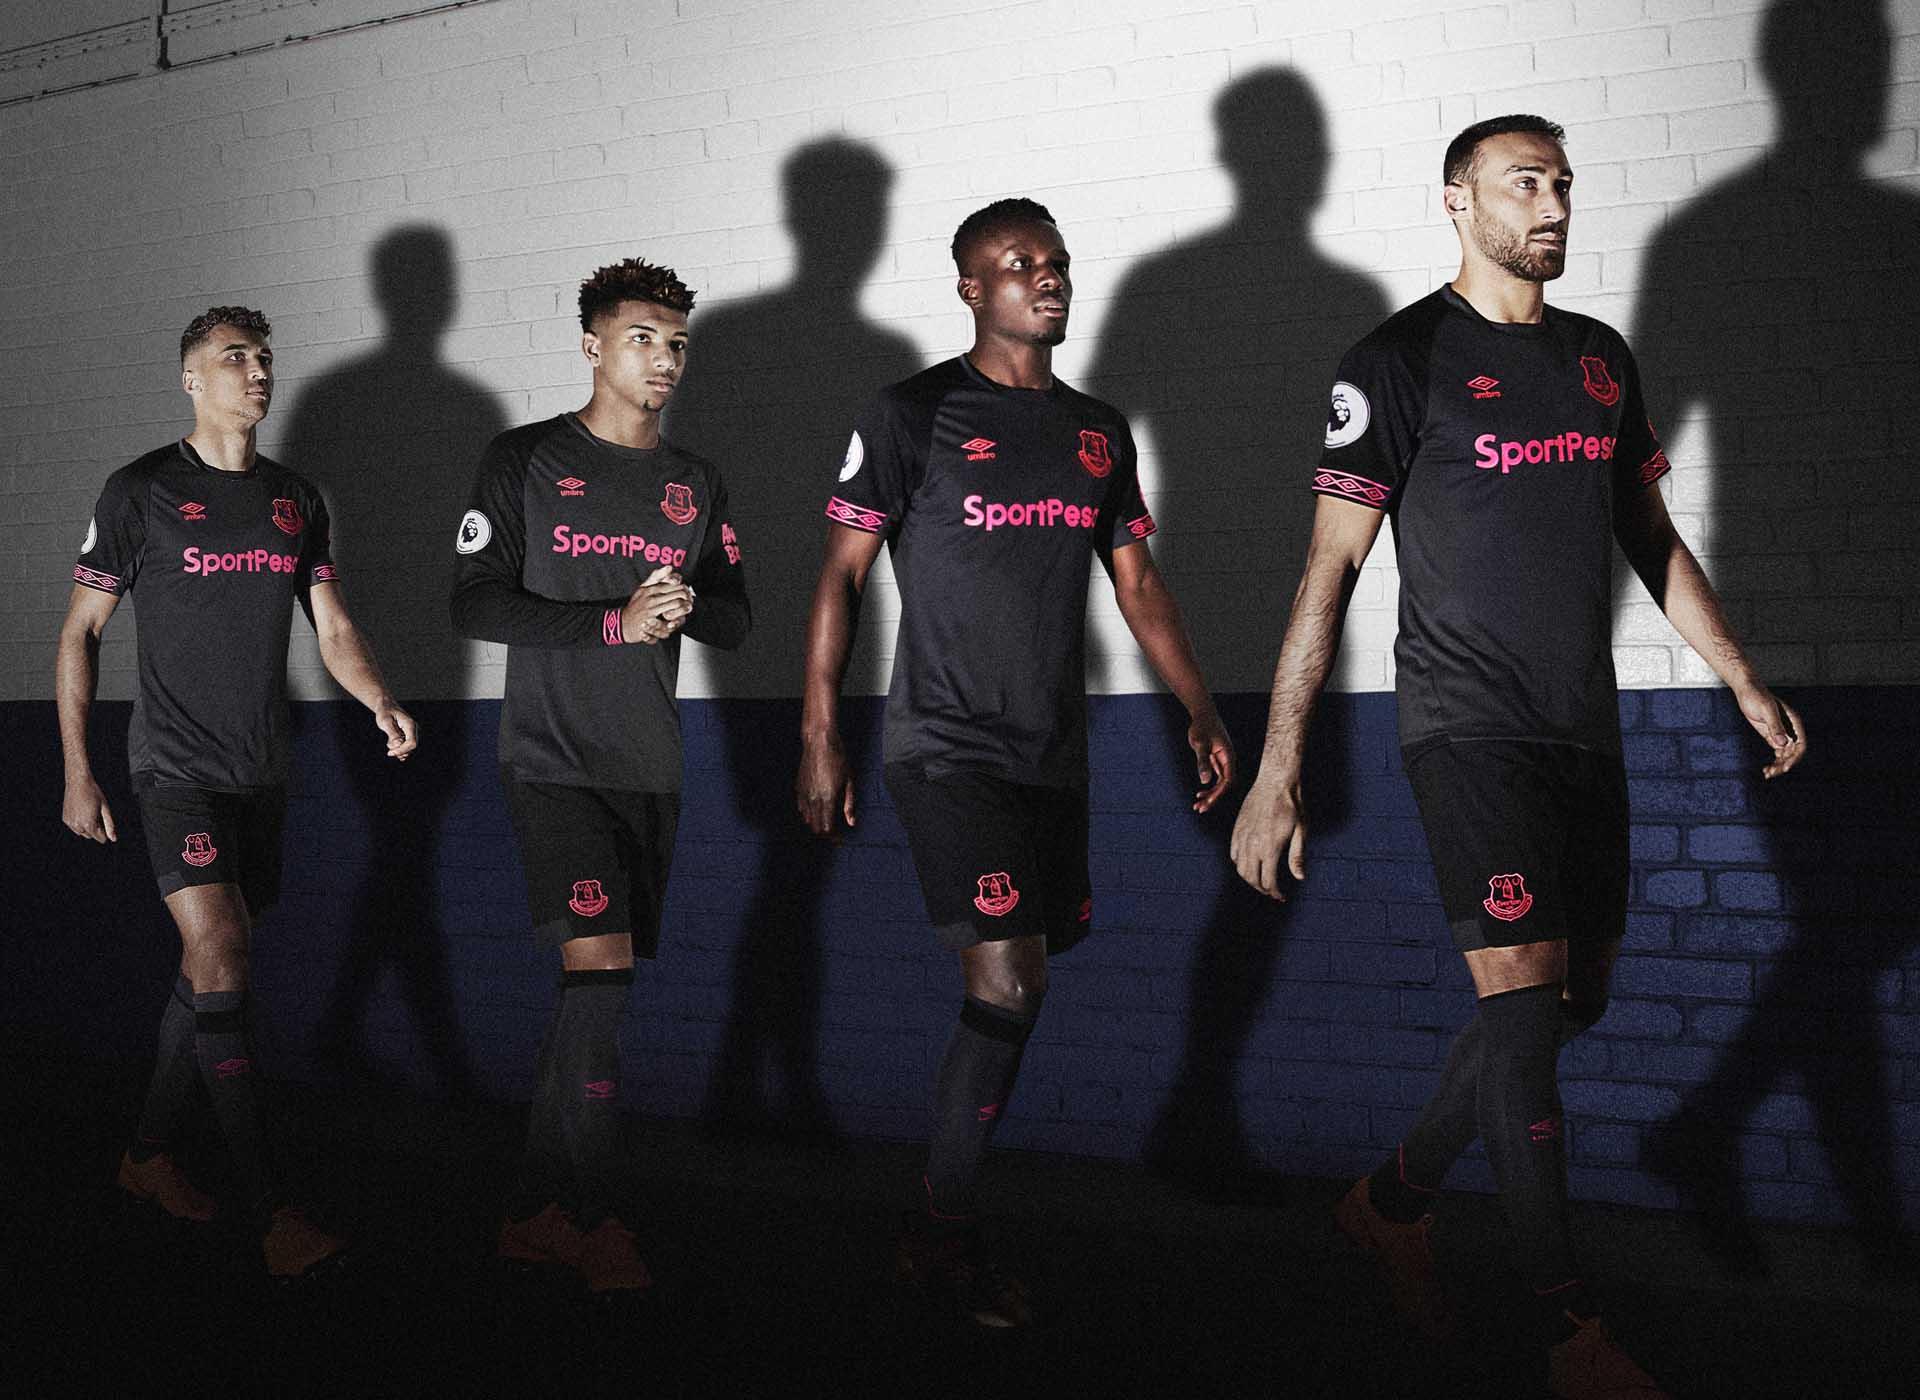 33c11626709 Umbro Launch Everton 18/19 Away Shirt - SoccerBible